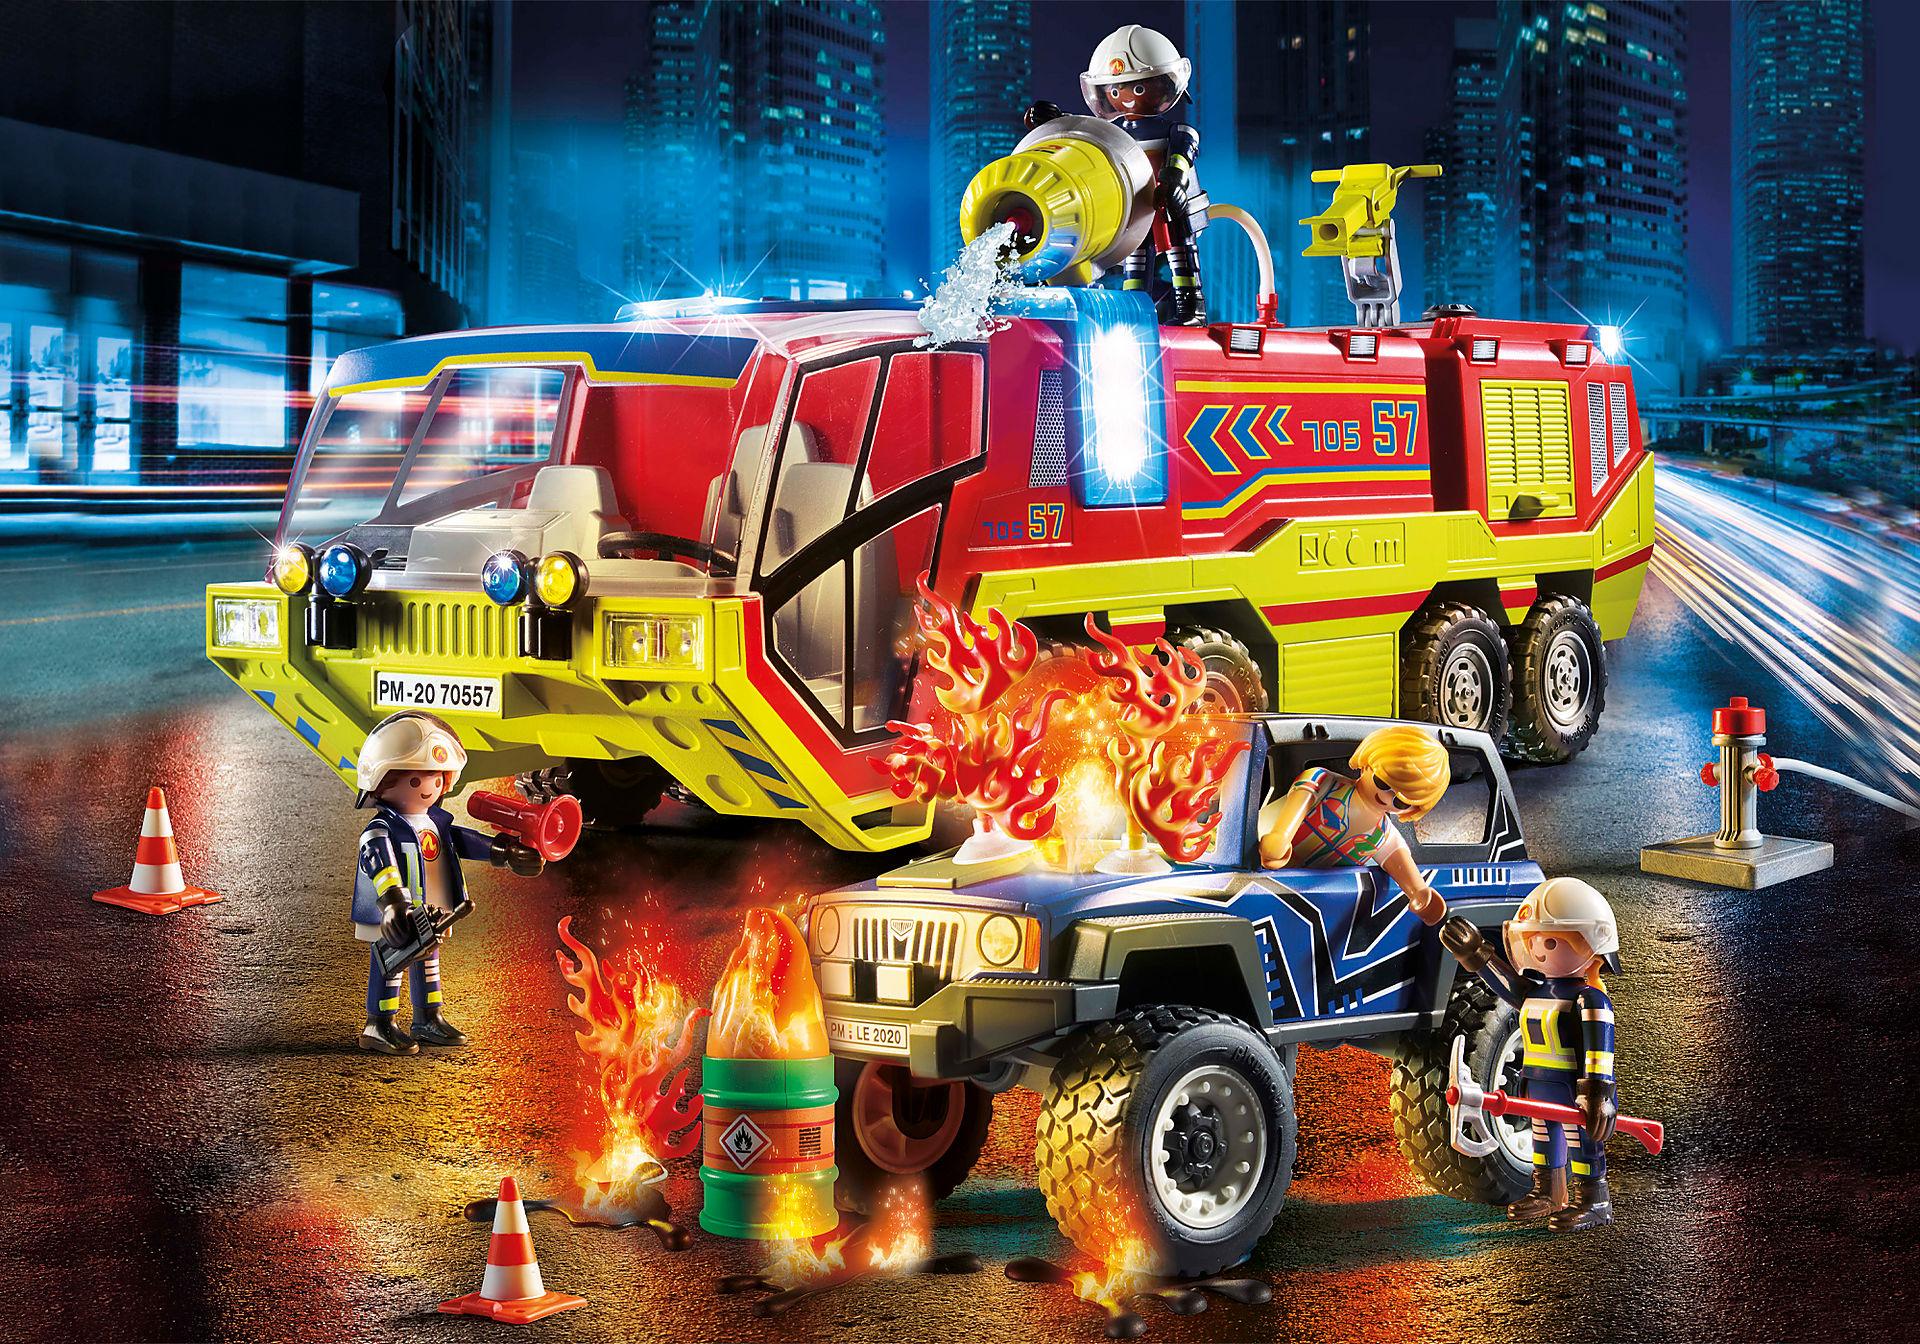 70557 Akcja straży pożarnej z pojazdem gaśniczym zoom image1